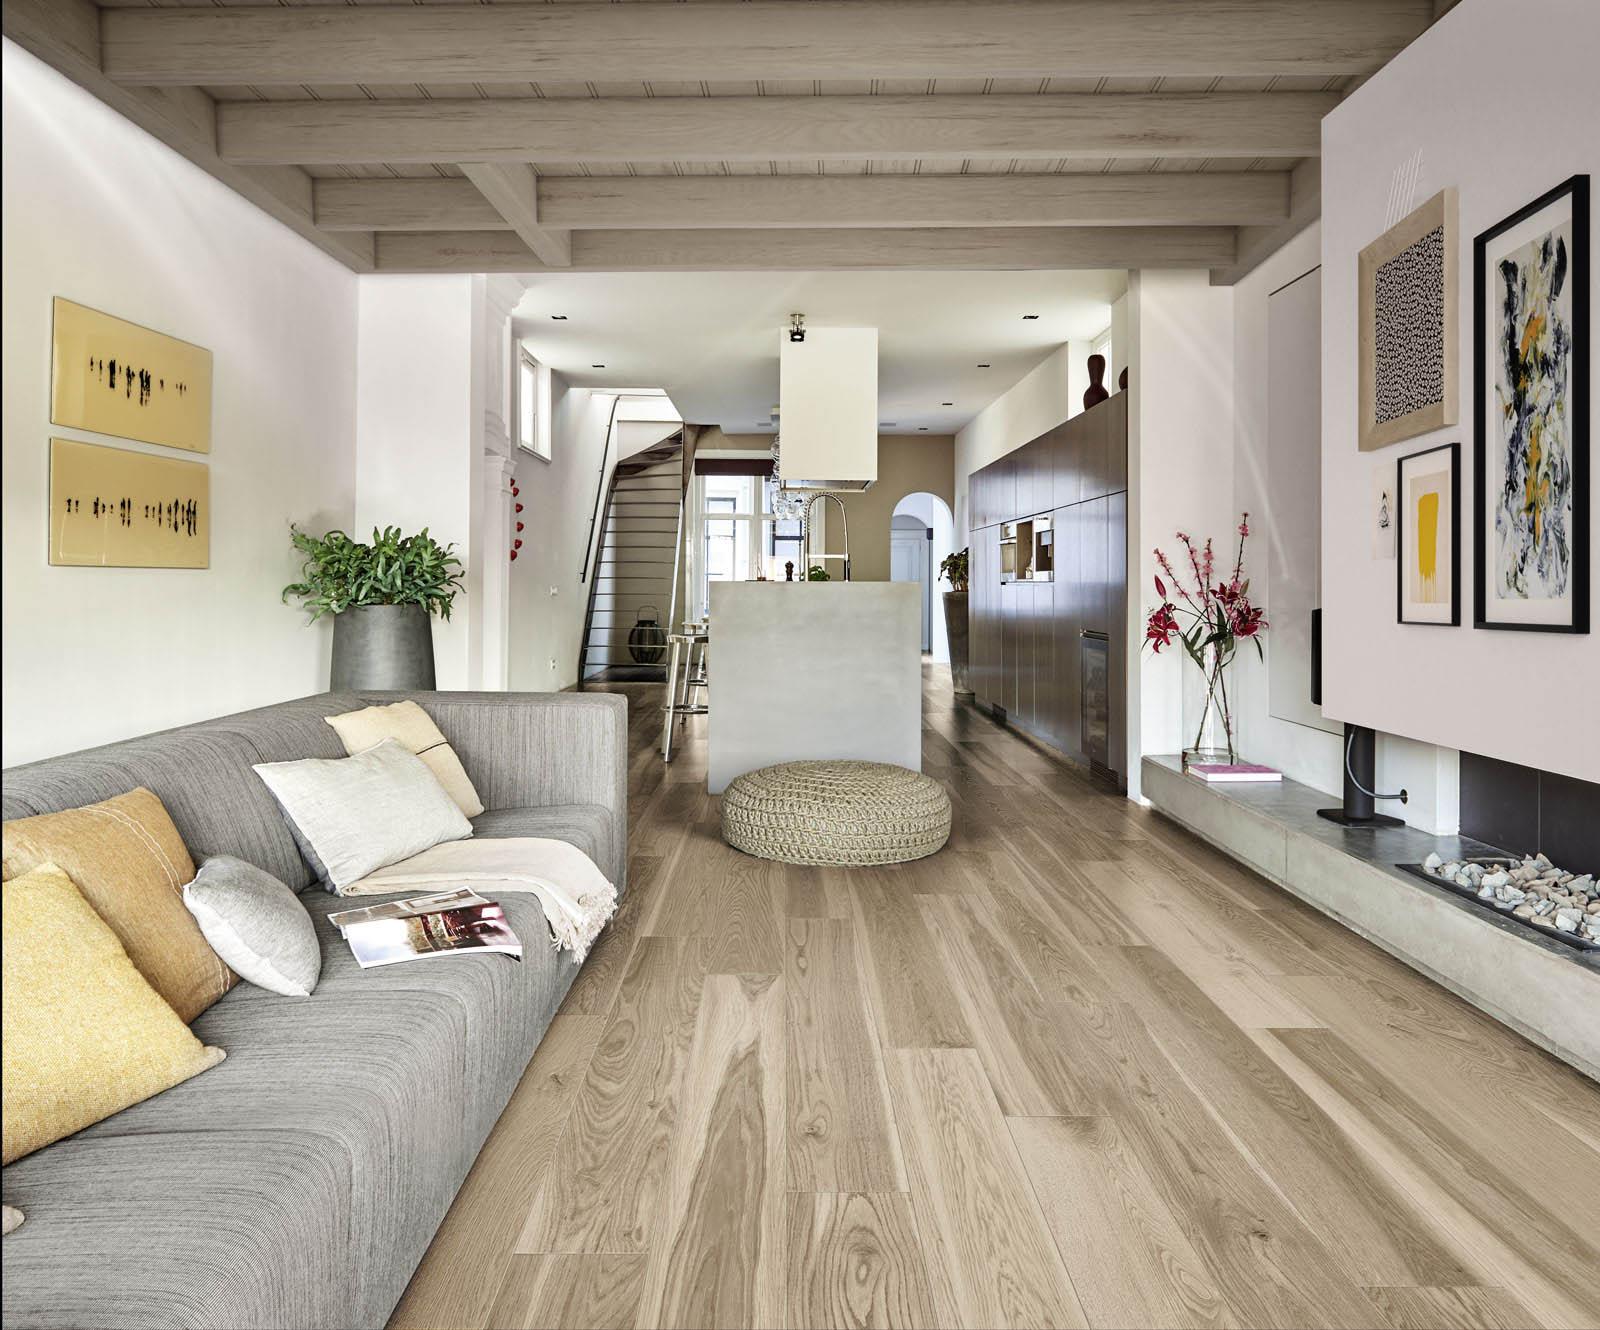 Treverkmore gres effetto legno interno e esterno marazzi - Piastrelle gres effetto legno ...